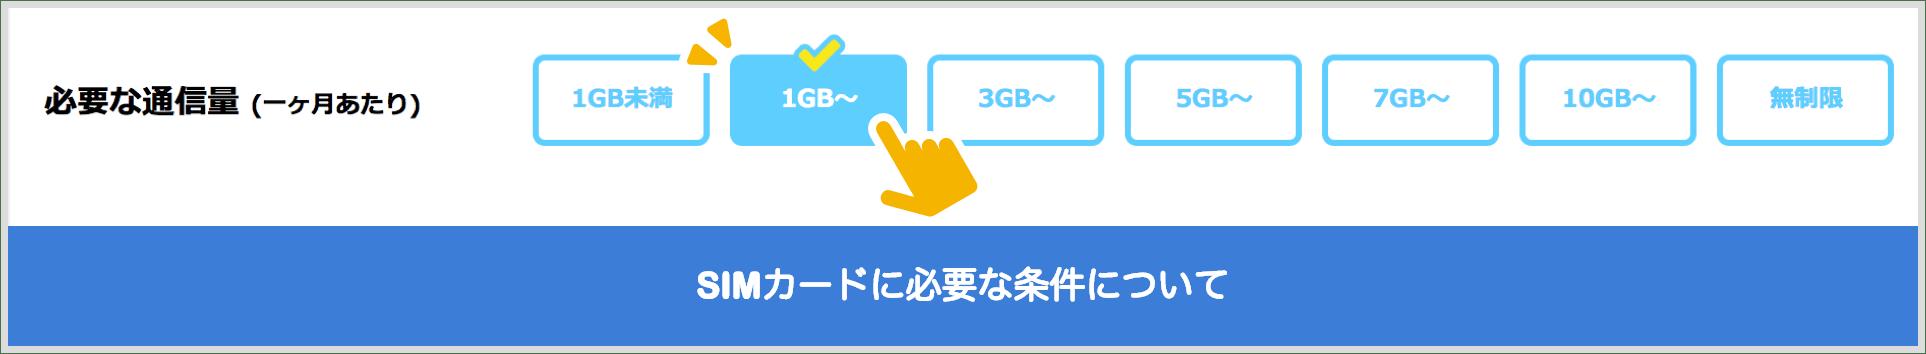 データ容量